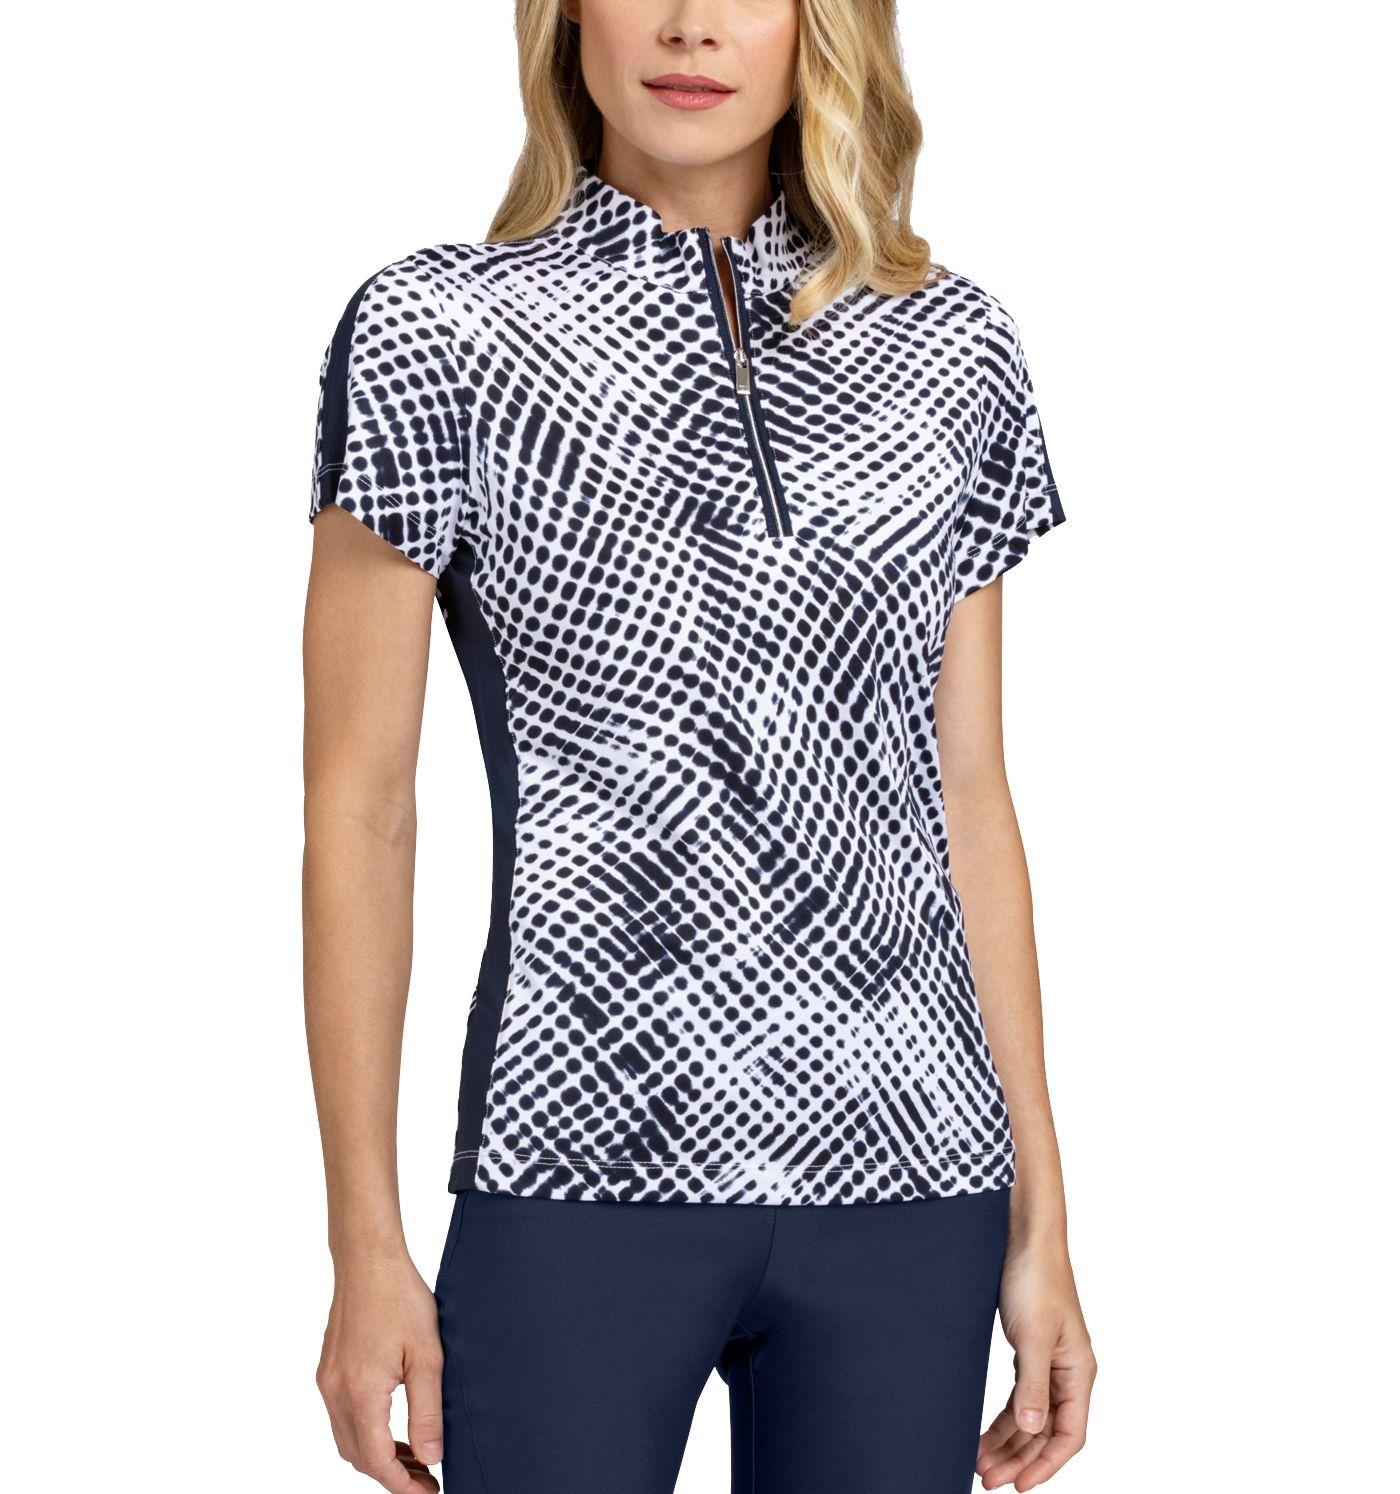 Tail Women's Short Sleeve ¼ Zip Mock Neck Golf Top